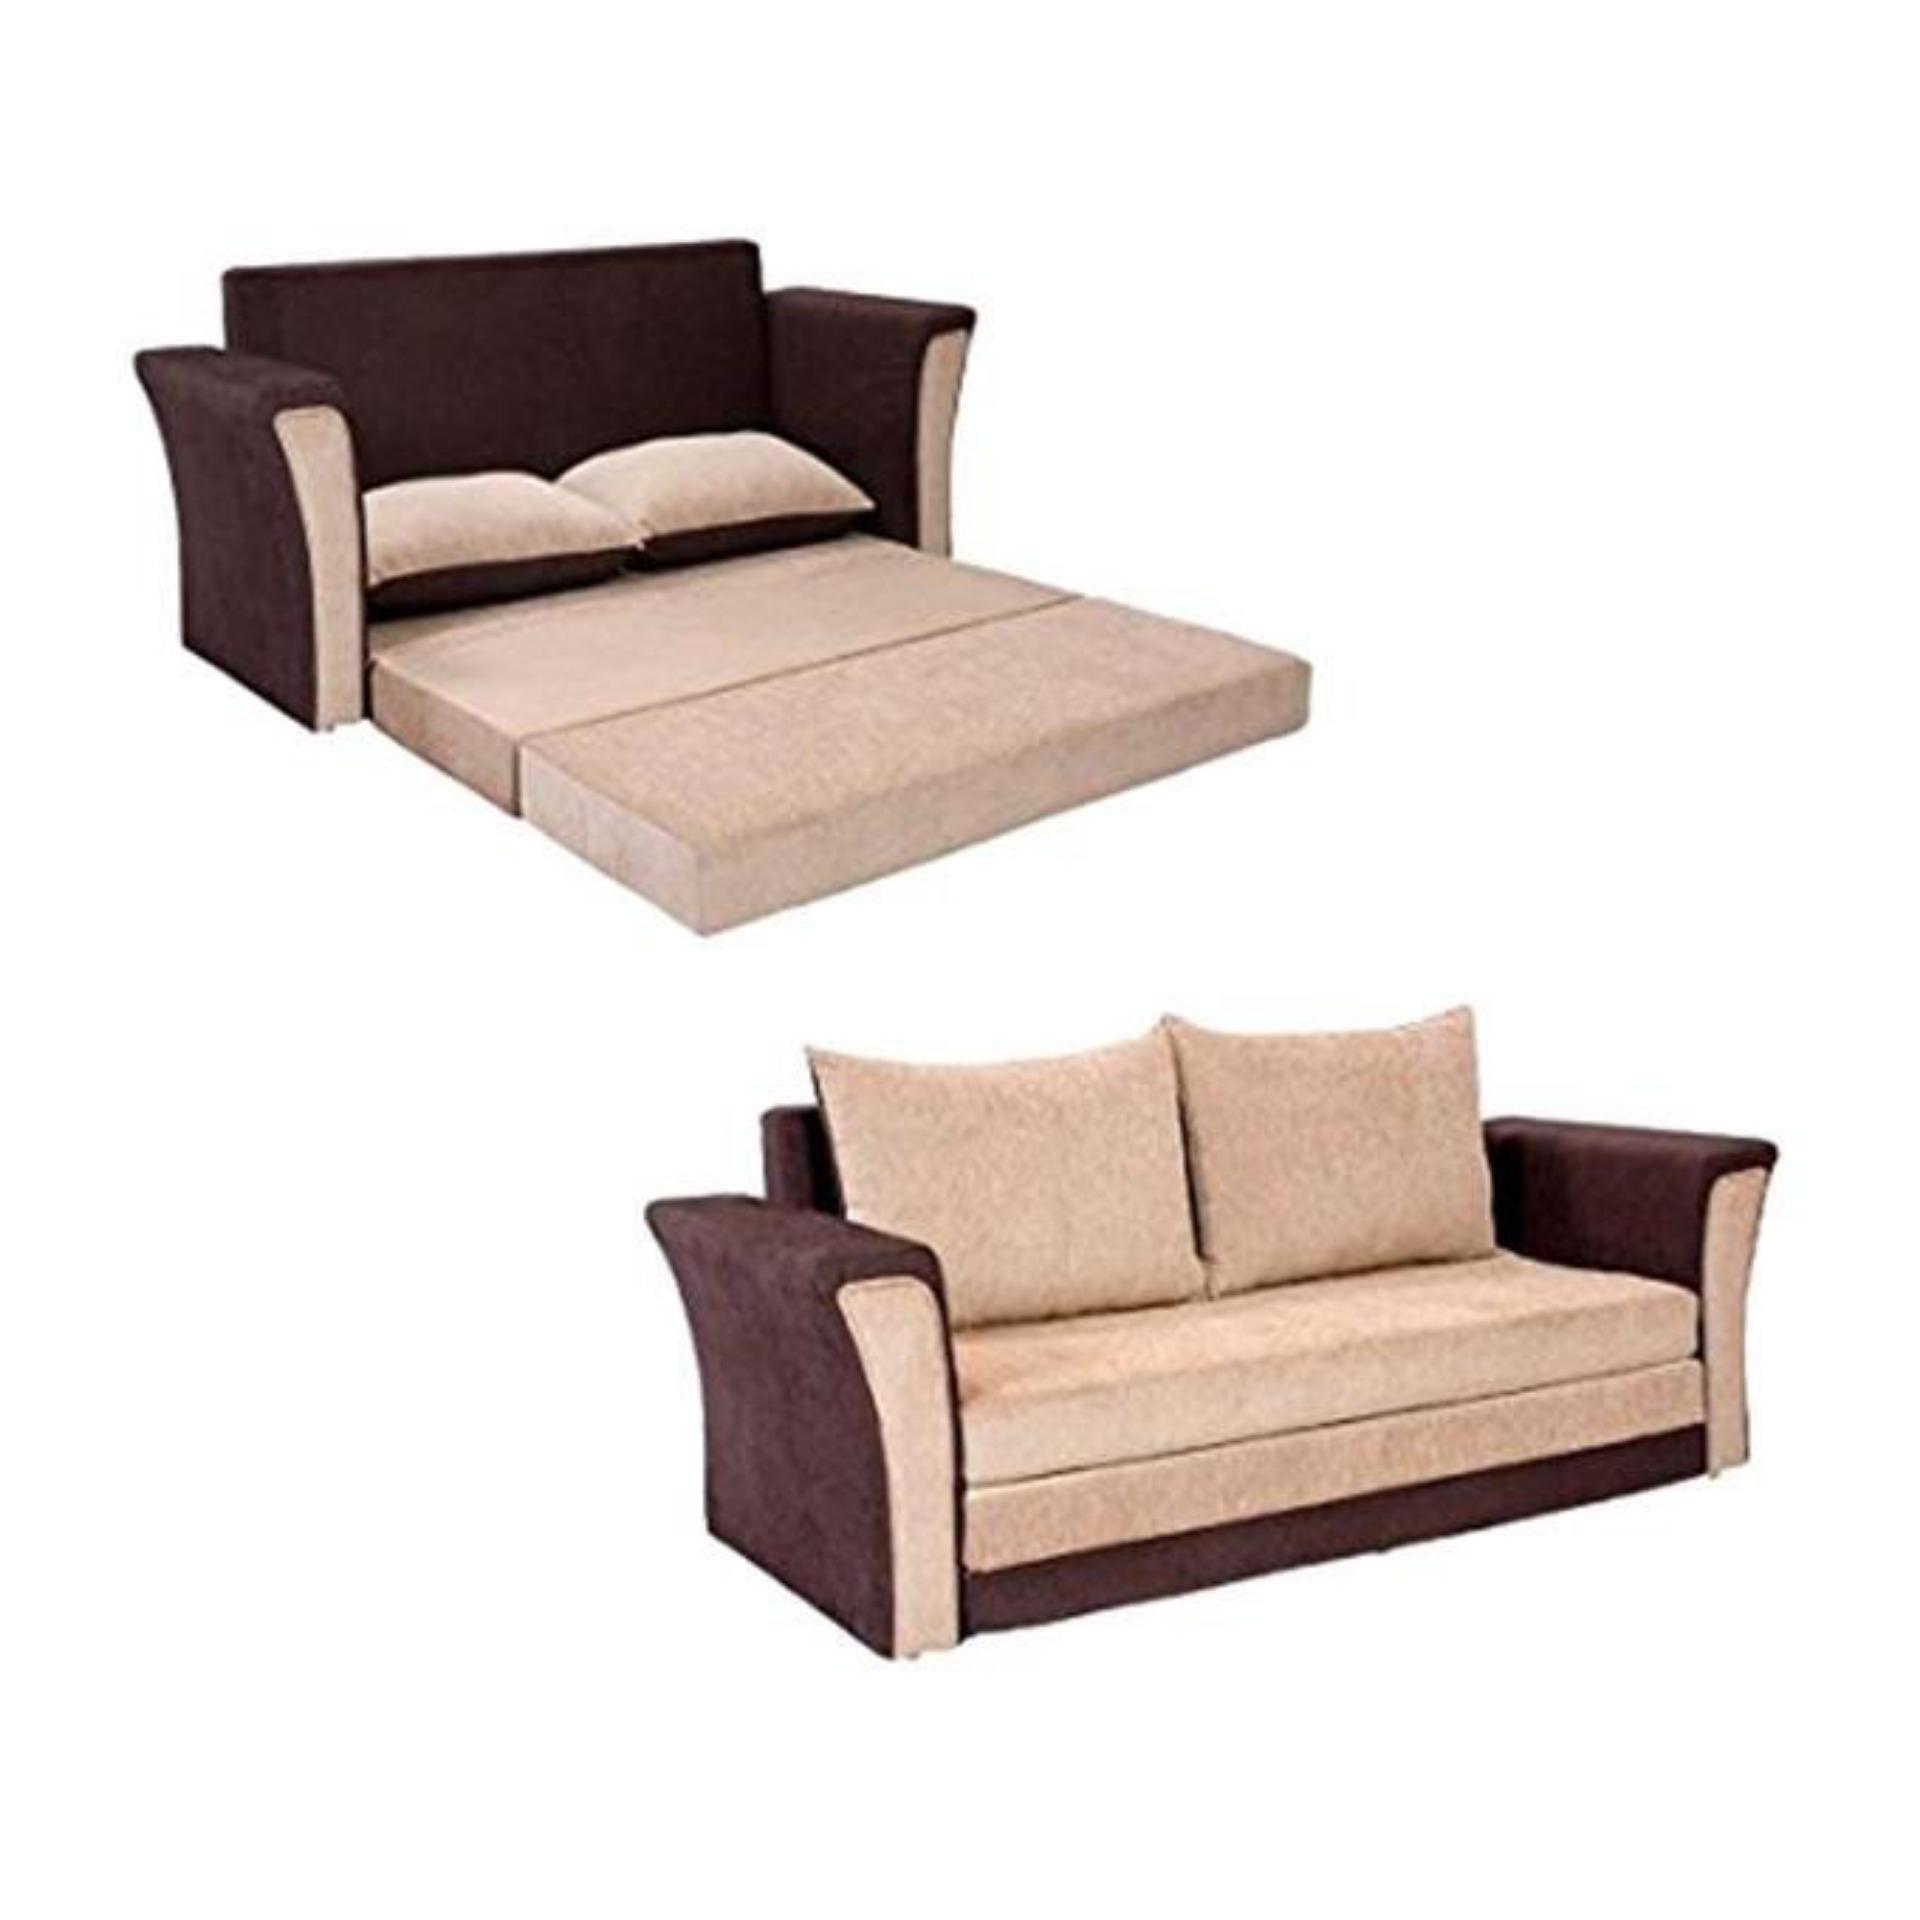 Furniture Price In Bangladesh